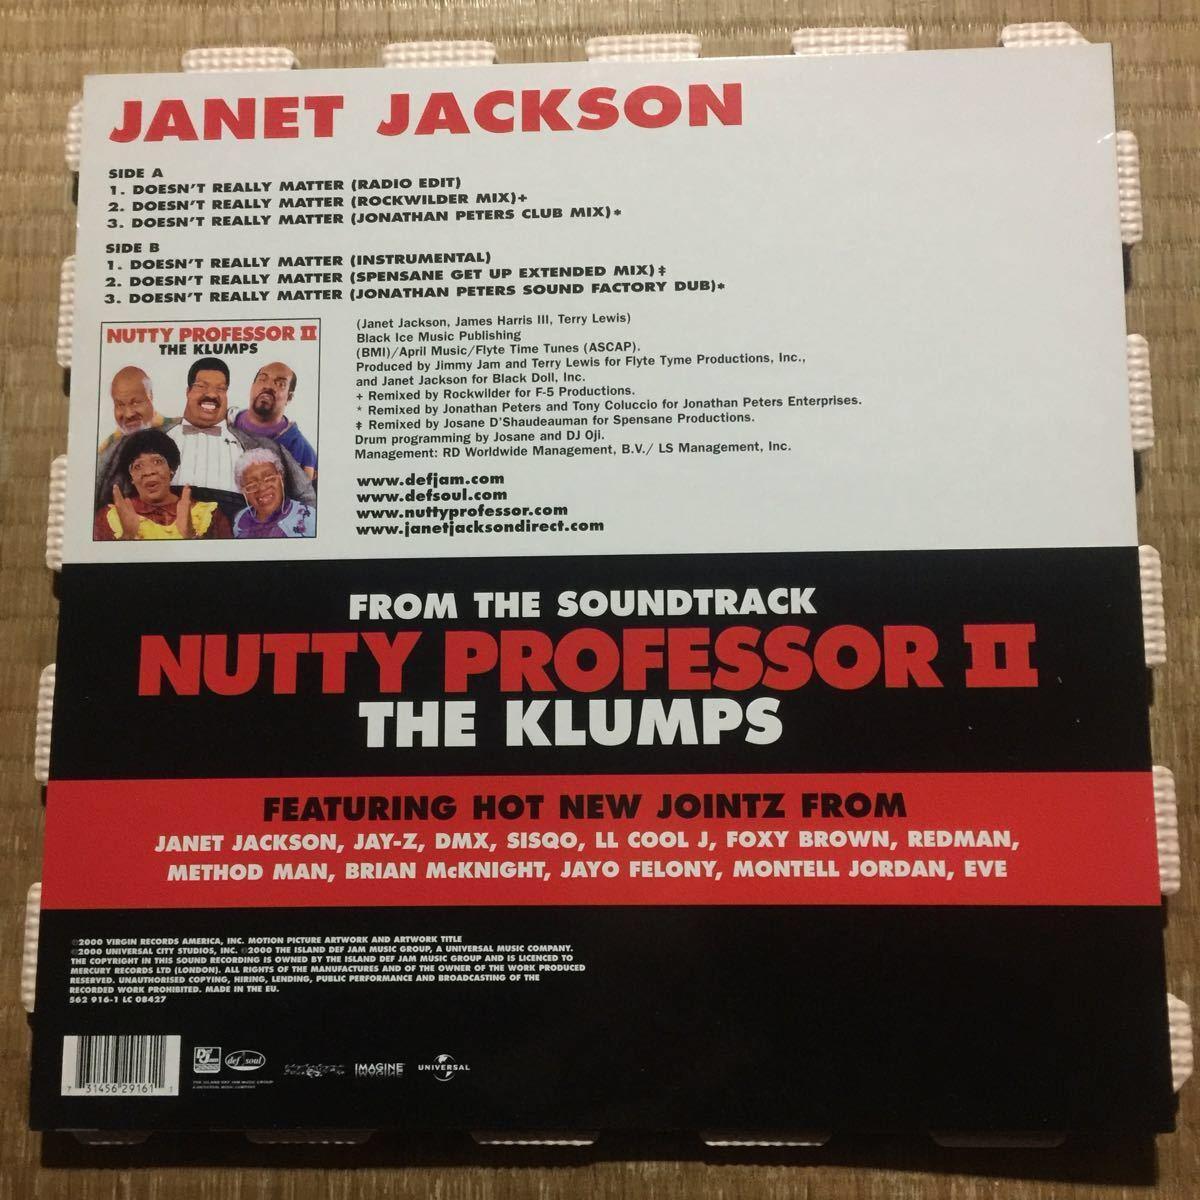 ジャネット・ジャクソン Janet Jackson Doesn't Really Matter EU盤レコード_画像2